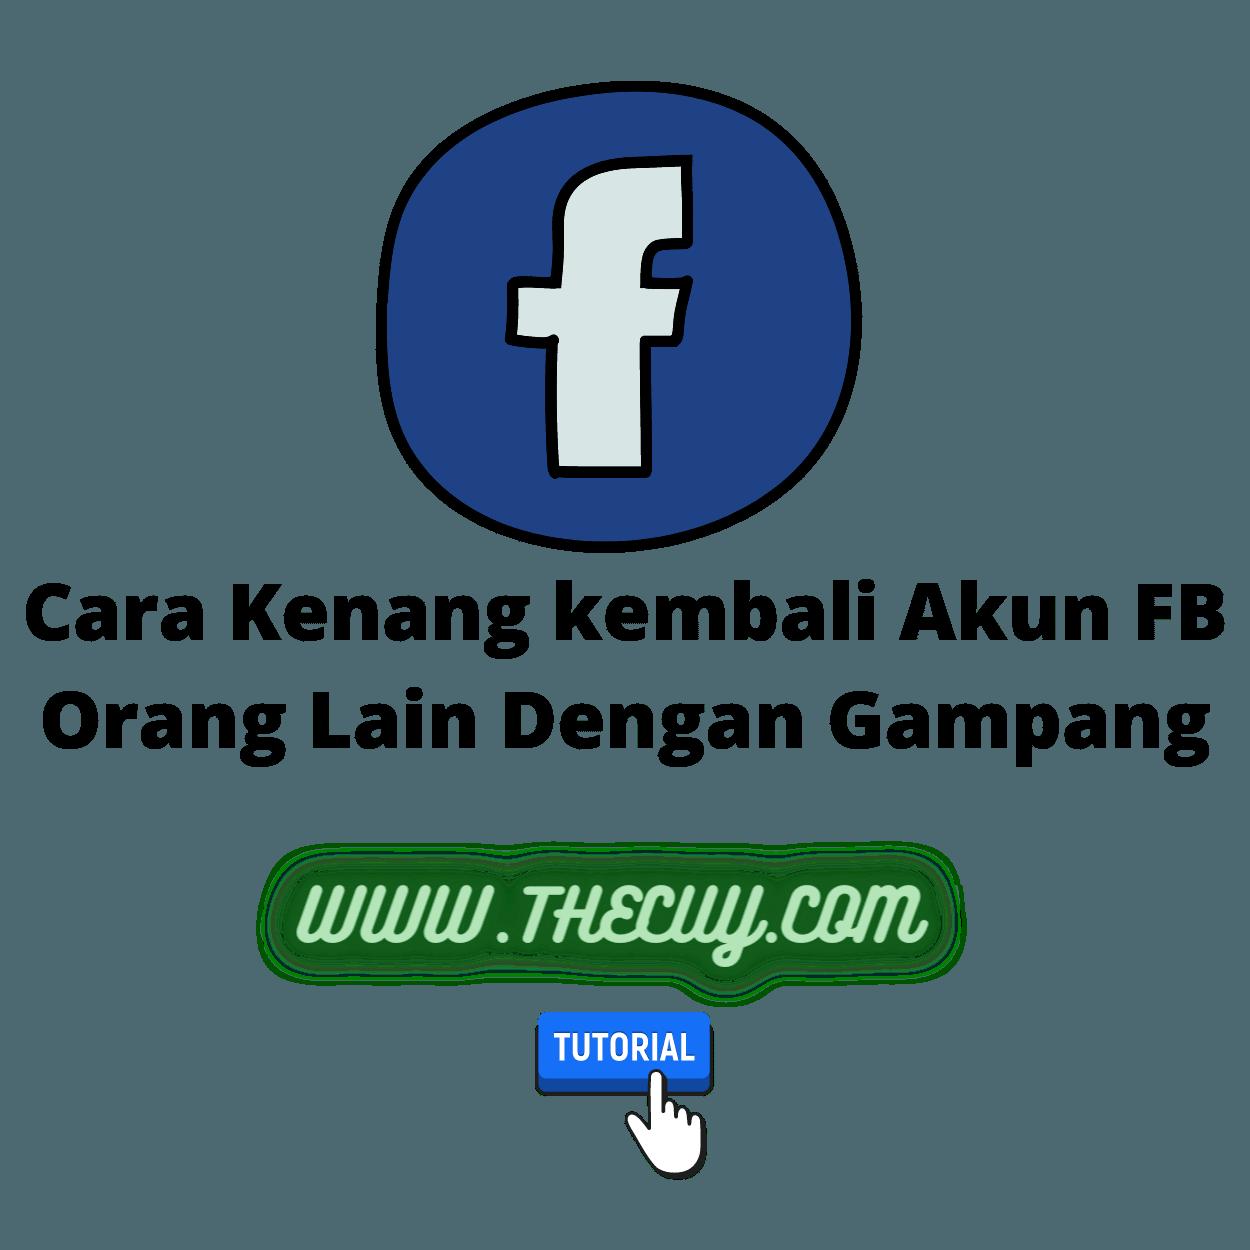 Cara Kenang kembali Akun FB Orang Lain Dengan Gampang